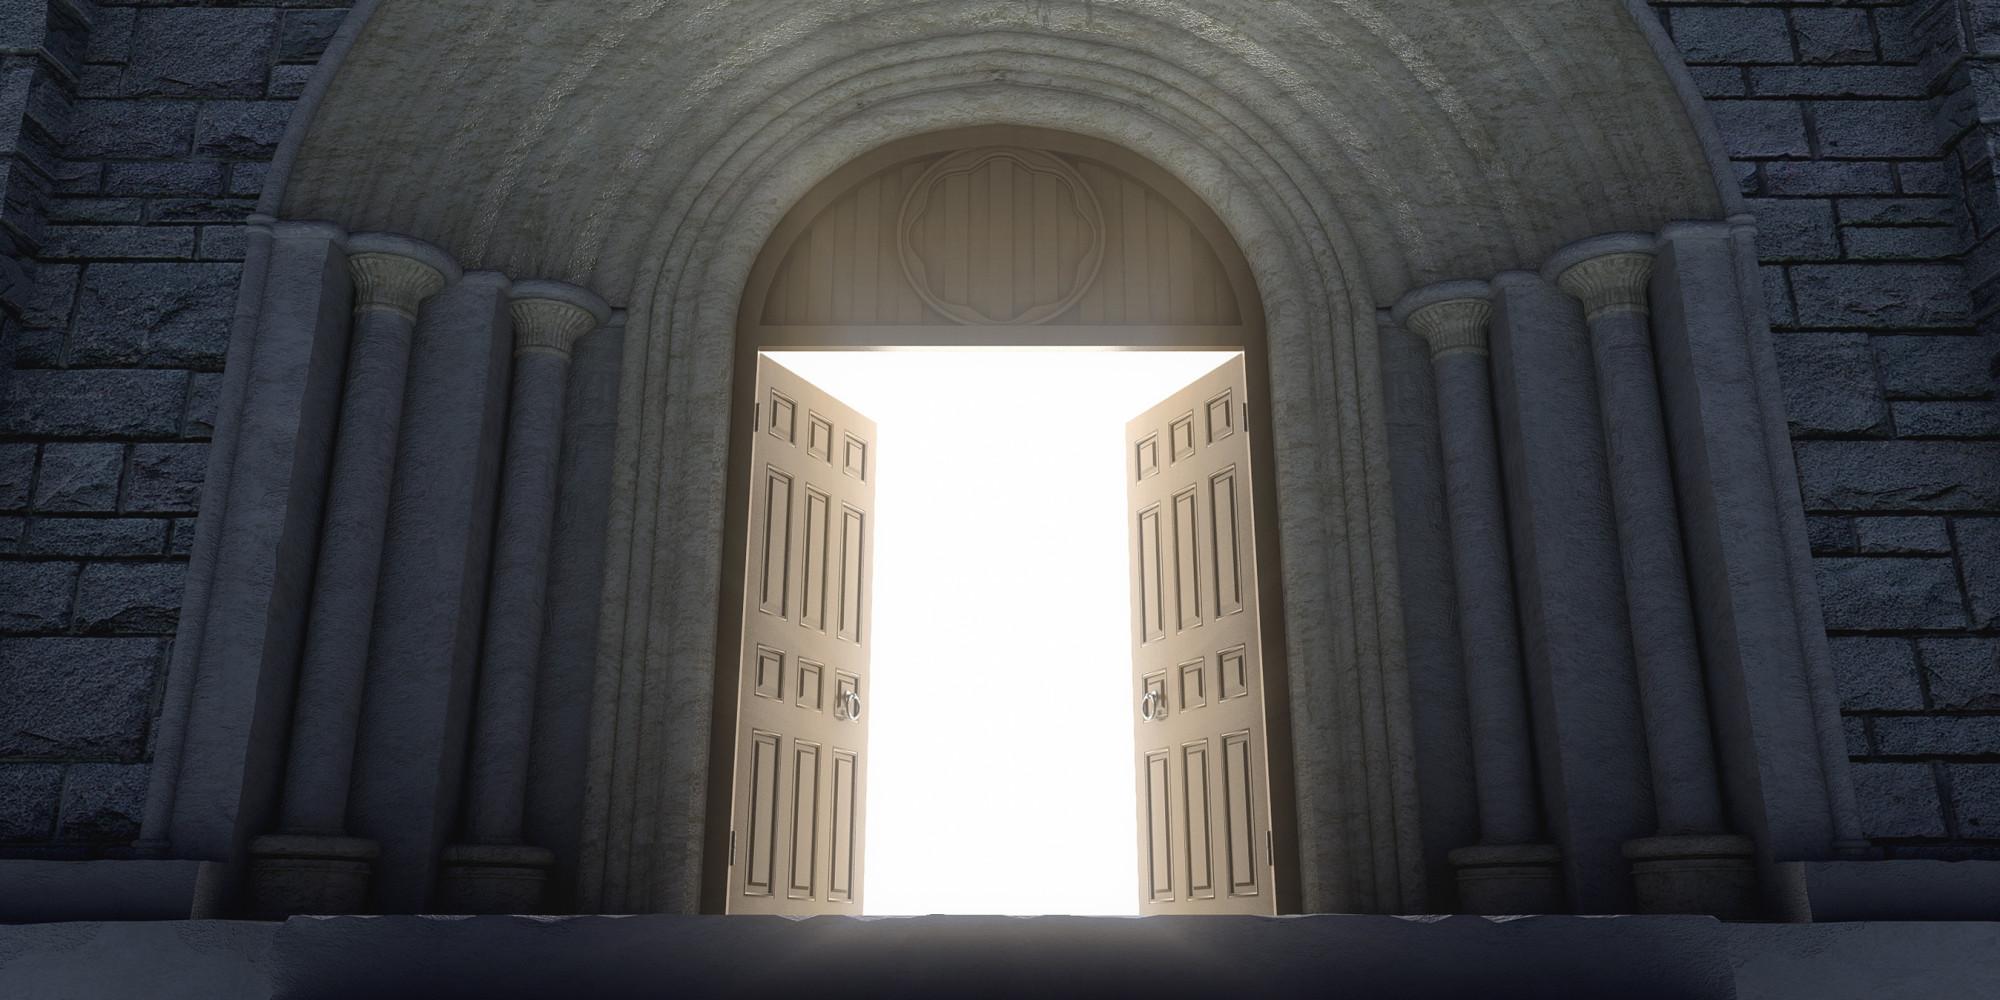 portes de l'église ouvertes pour entrer et sortir